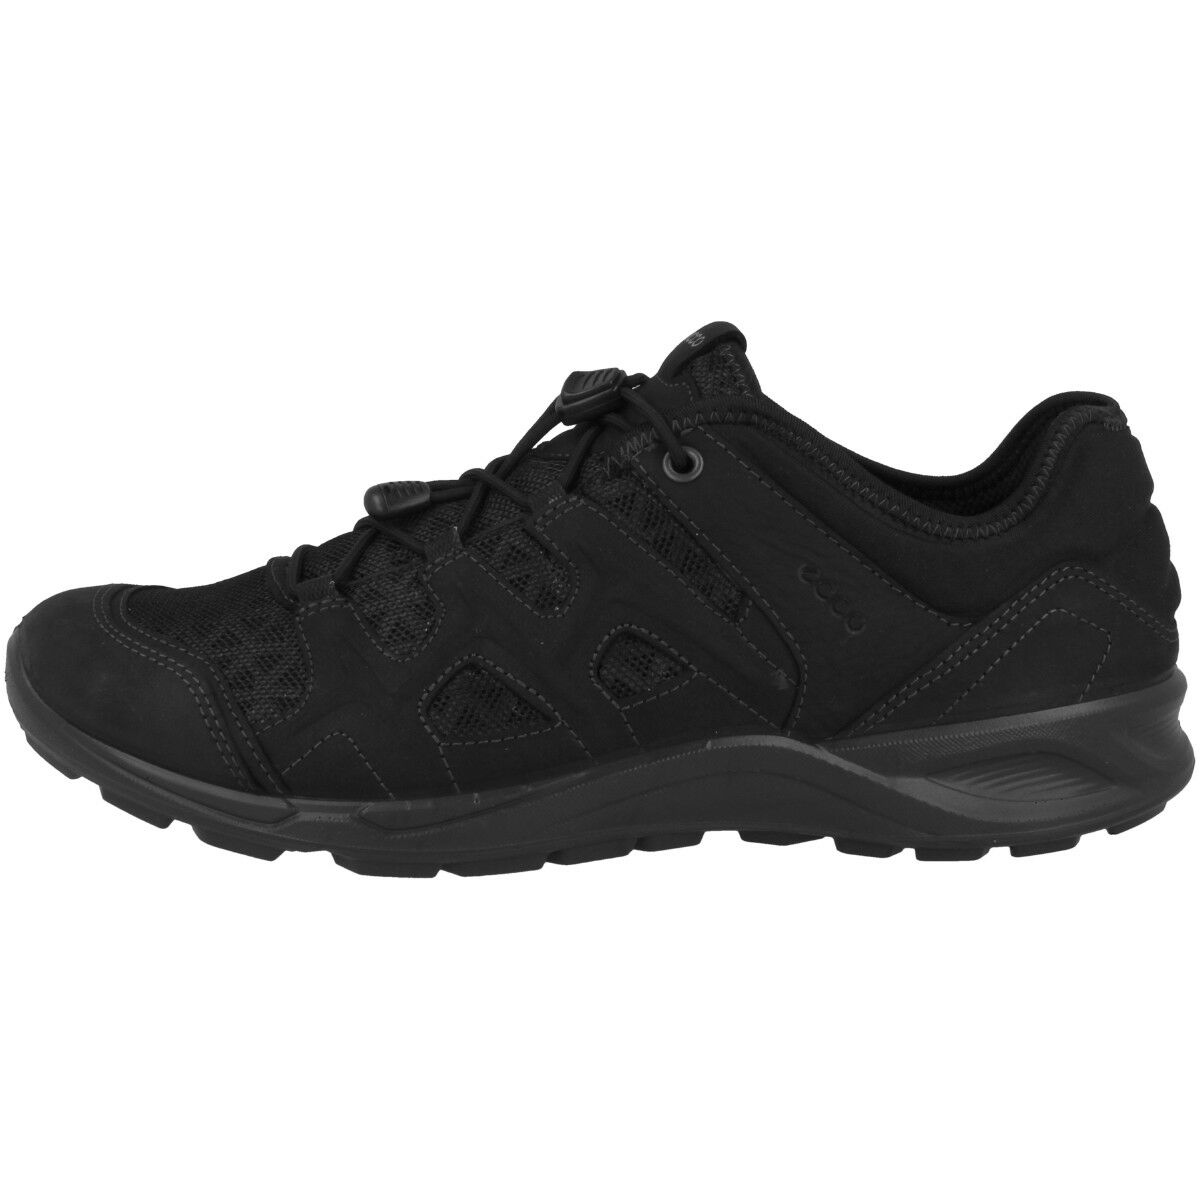 Ecco Terracruise LT Ladies Ladies Ladies Trekking Outdoor Scarpe scarpe da ginnastica nero 825763-51052 af6c3e